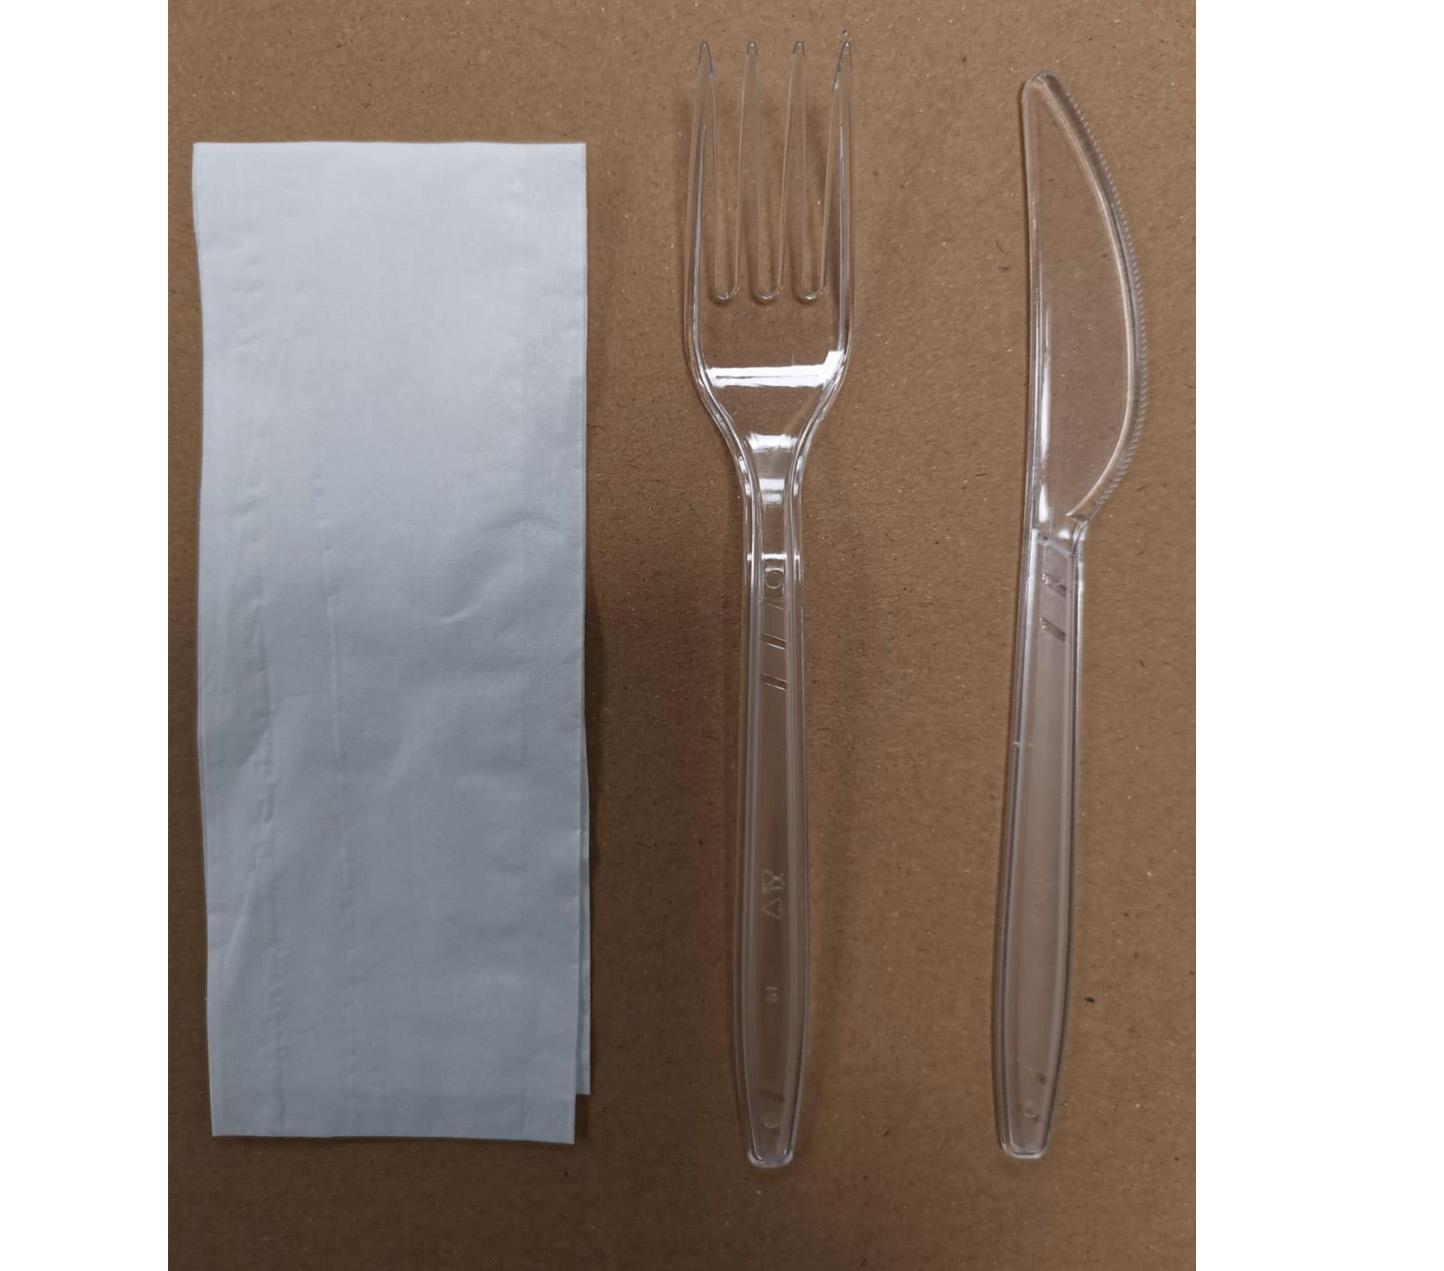 SET 3-1 PLASTIC FORK, KNIFE & NAPKIN 250's MEAL PACK